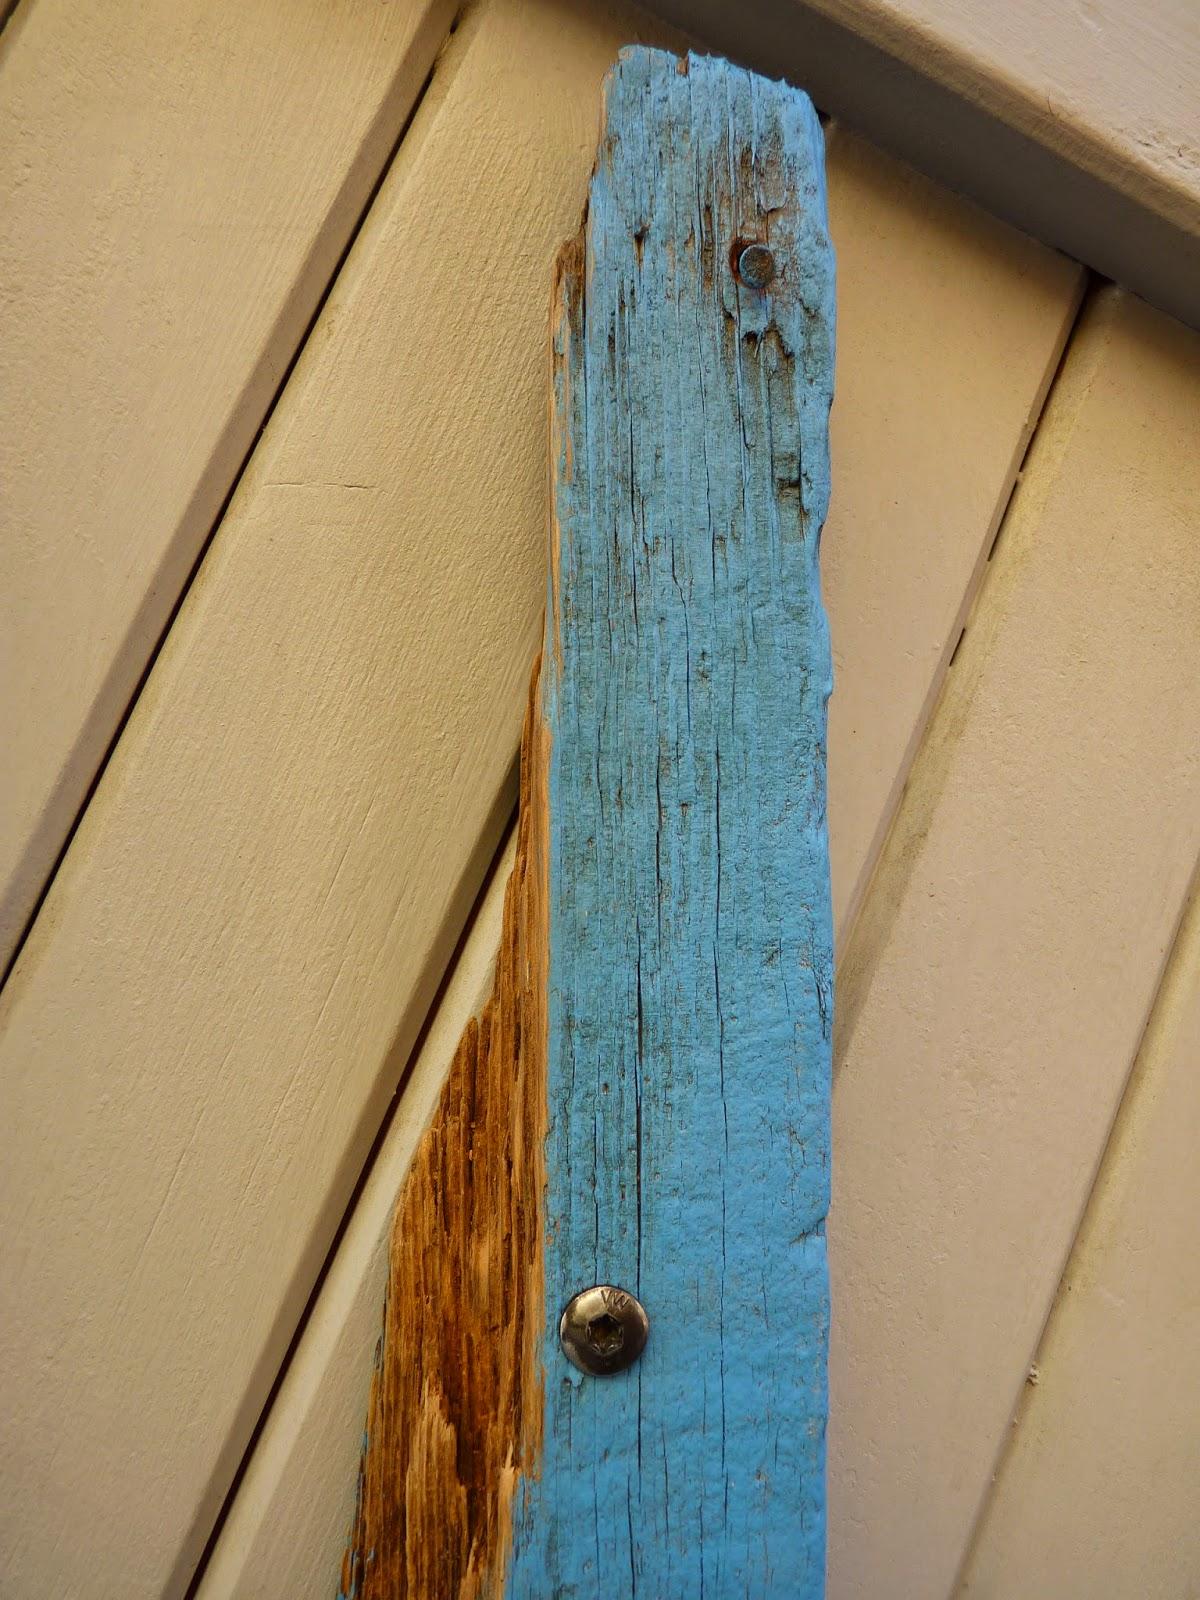 Le re acteur porte manteau bois flott coat rack driftwood for Fabriquer porte manteau bois flotte